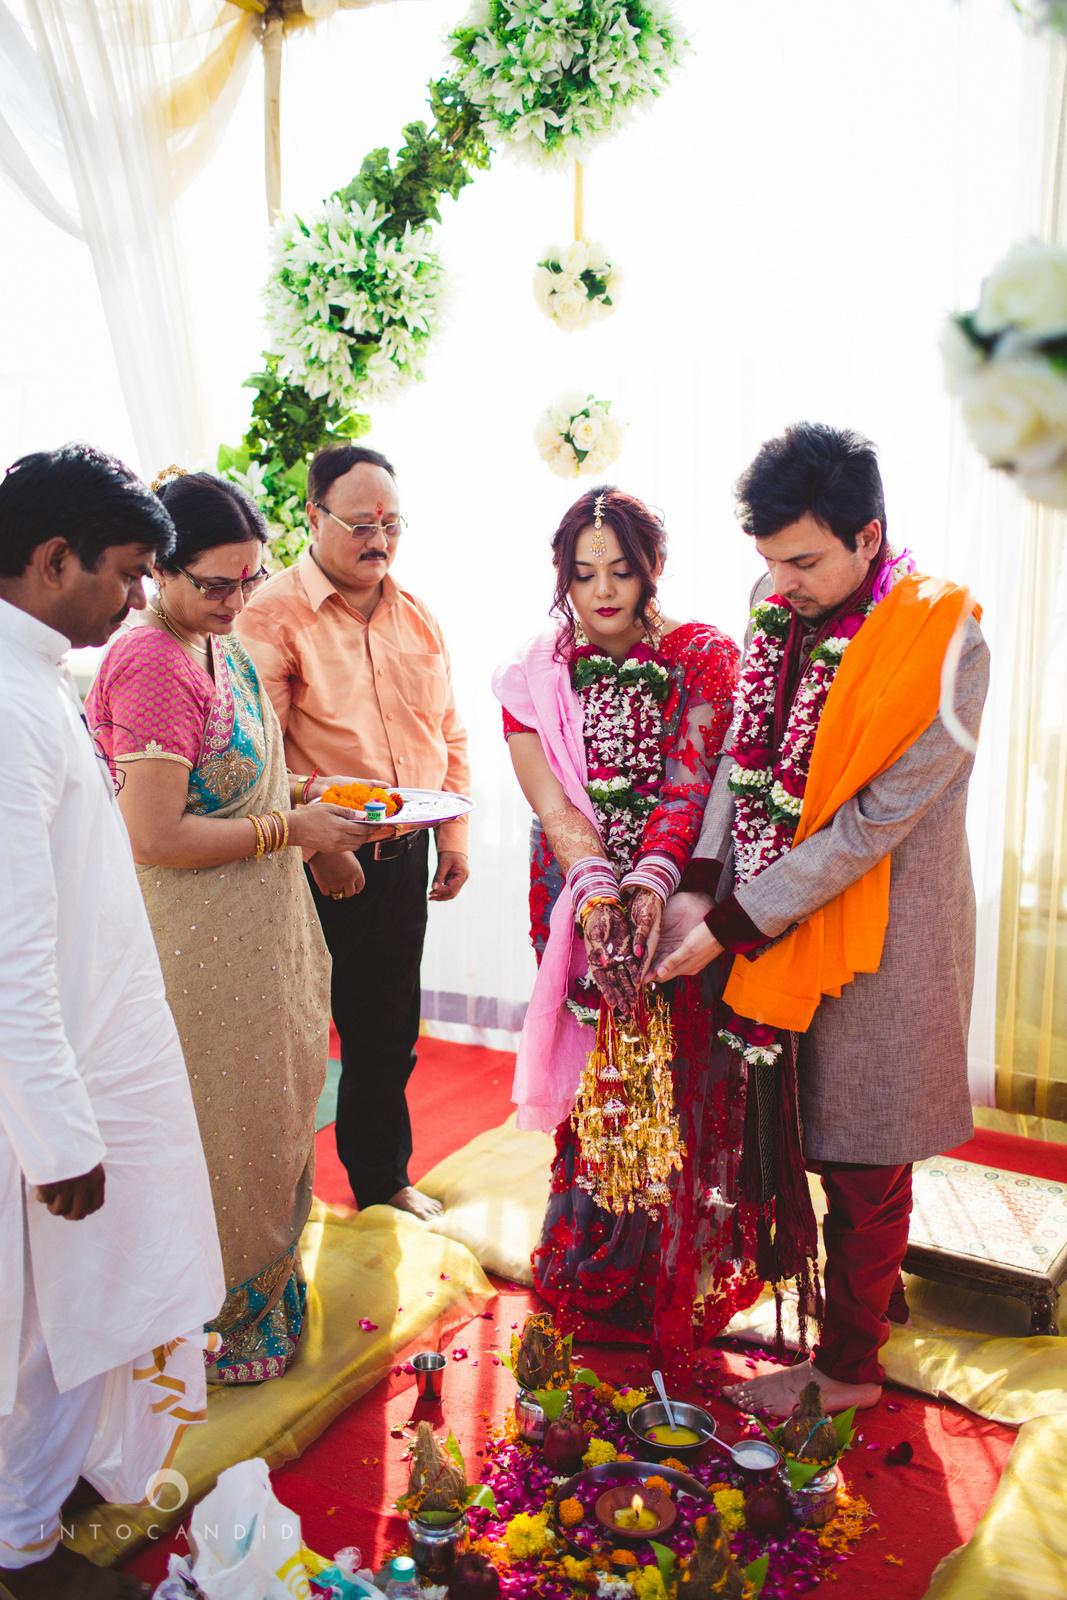 juhuhotel-mumbai-hindu-wedding-photography-intocandid-photography-nj-25.jpg